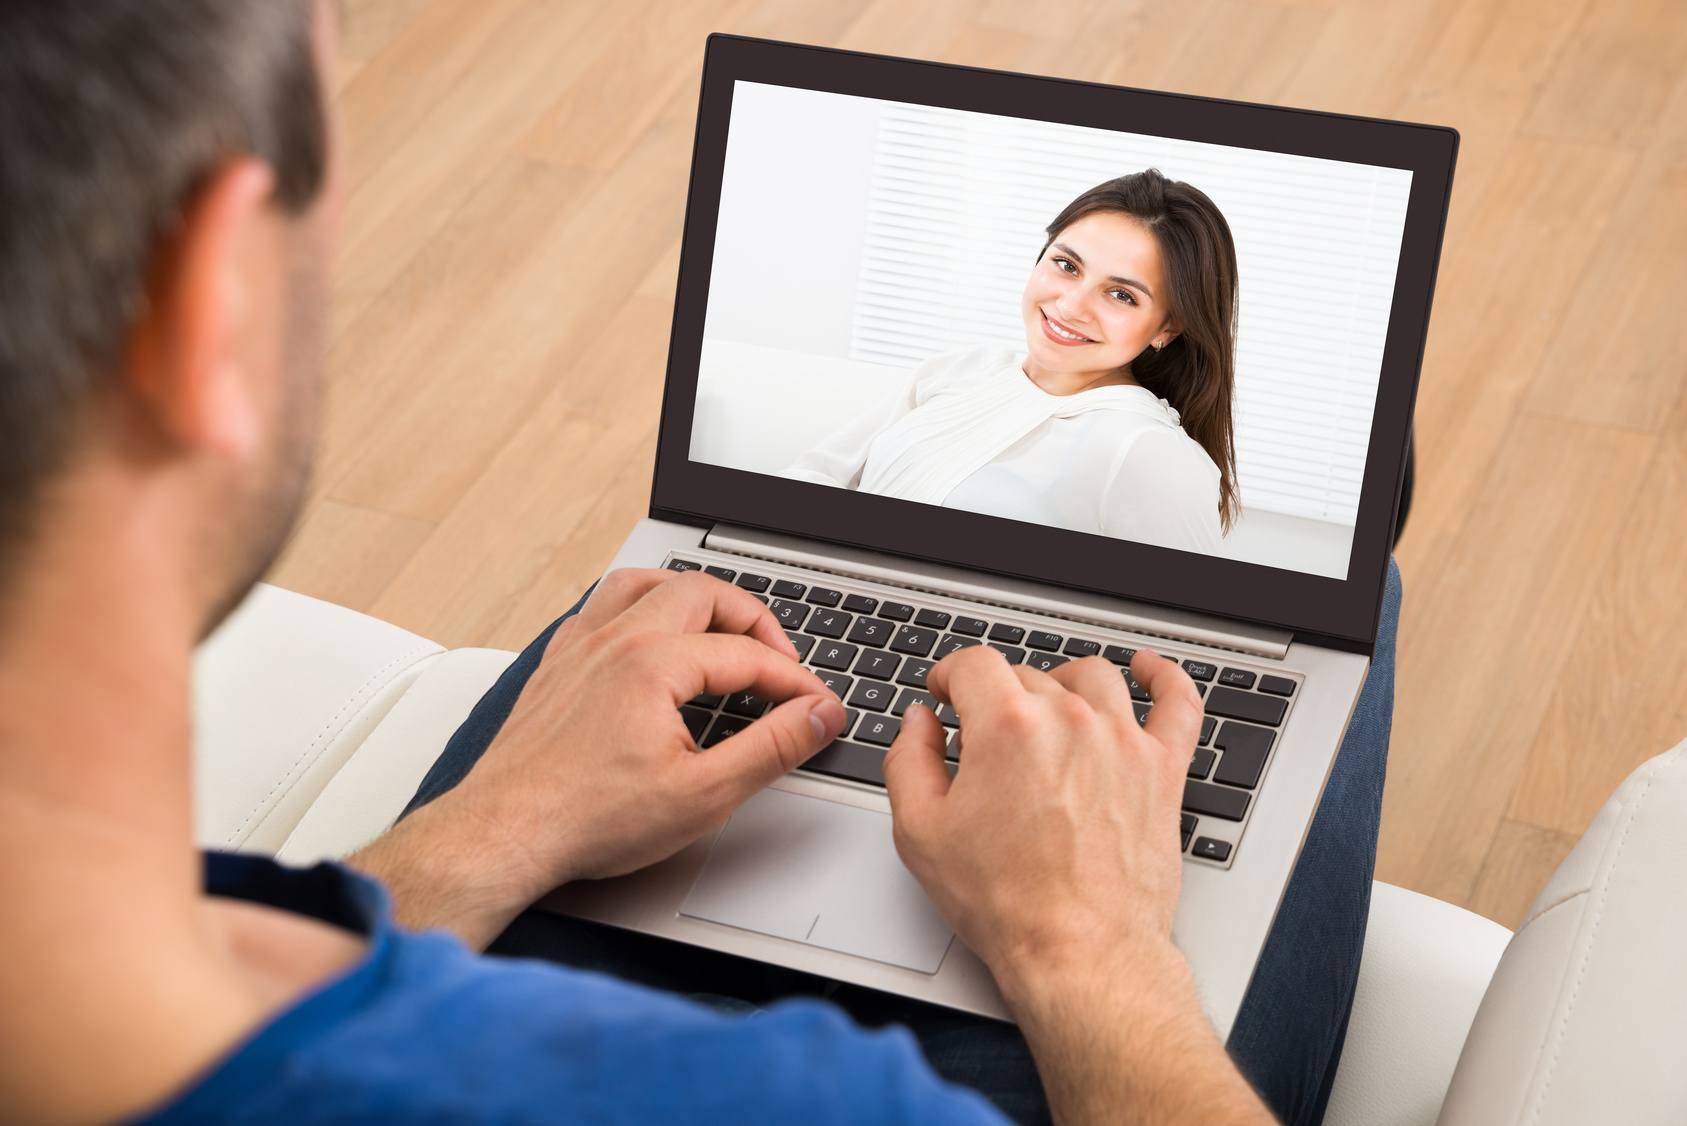 Mi jellemző az online kapcsolatokra?